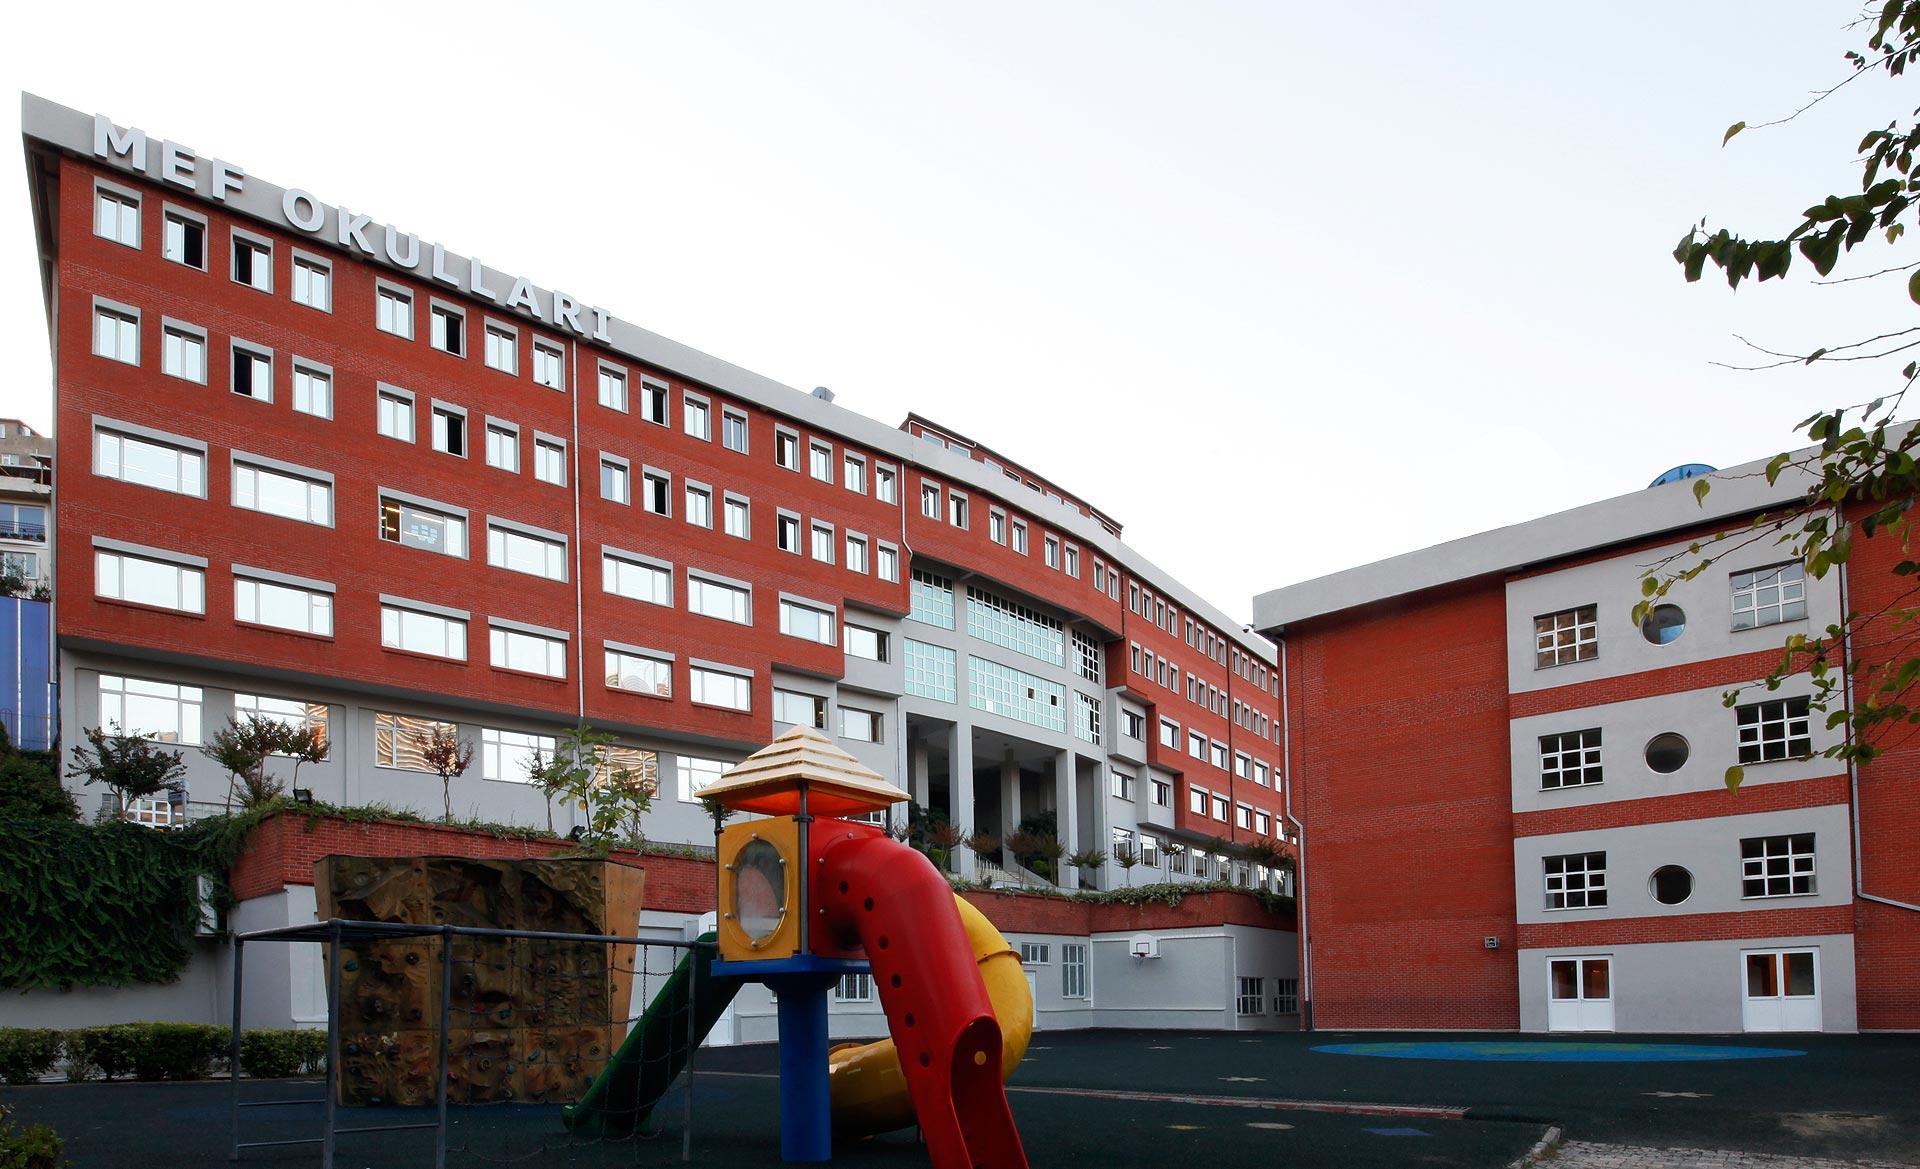 Mükemmellik Eğitimi Bjk Koleji'nde 20